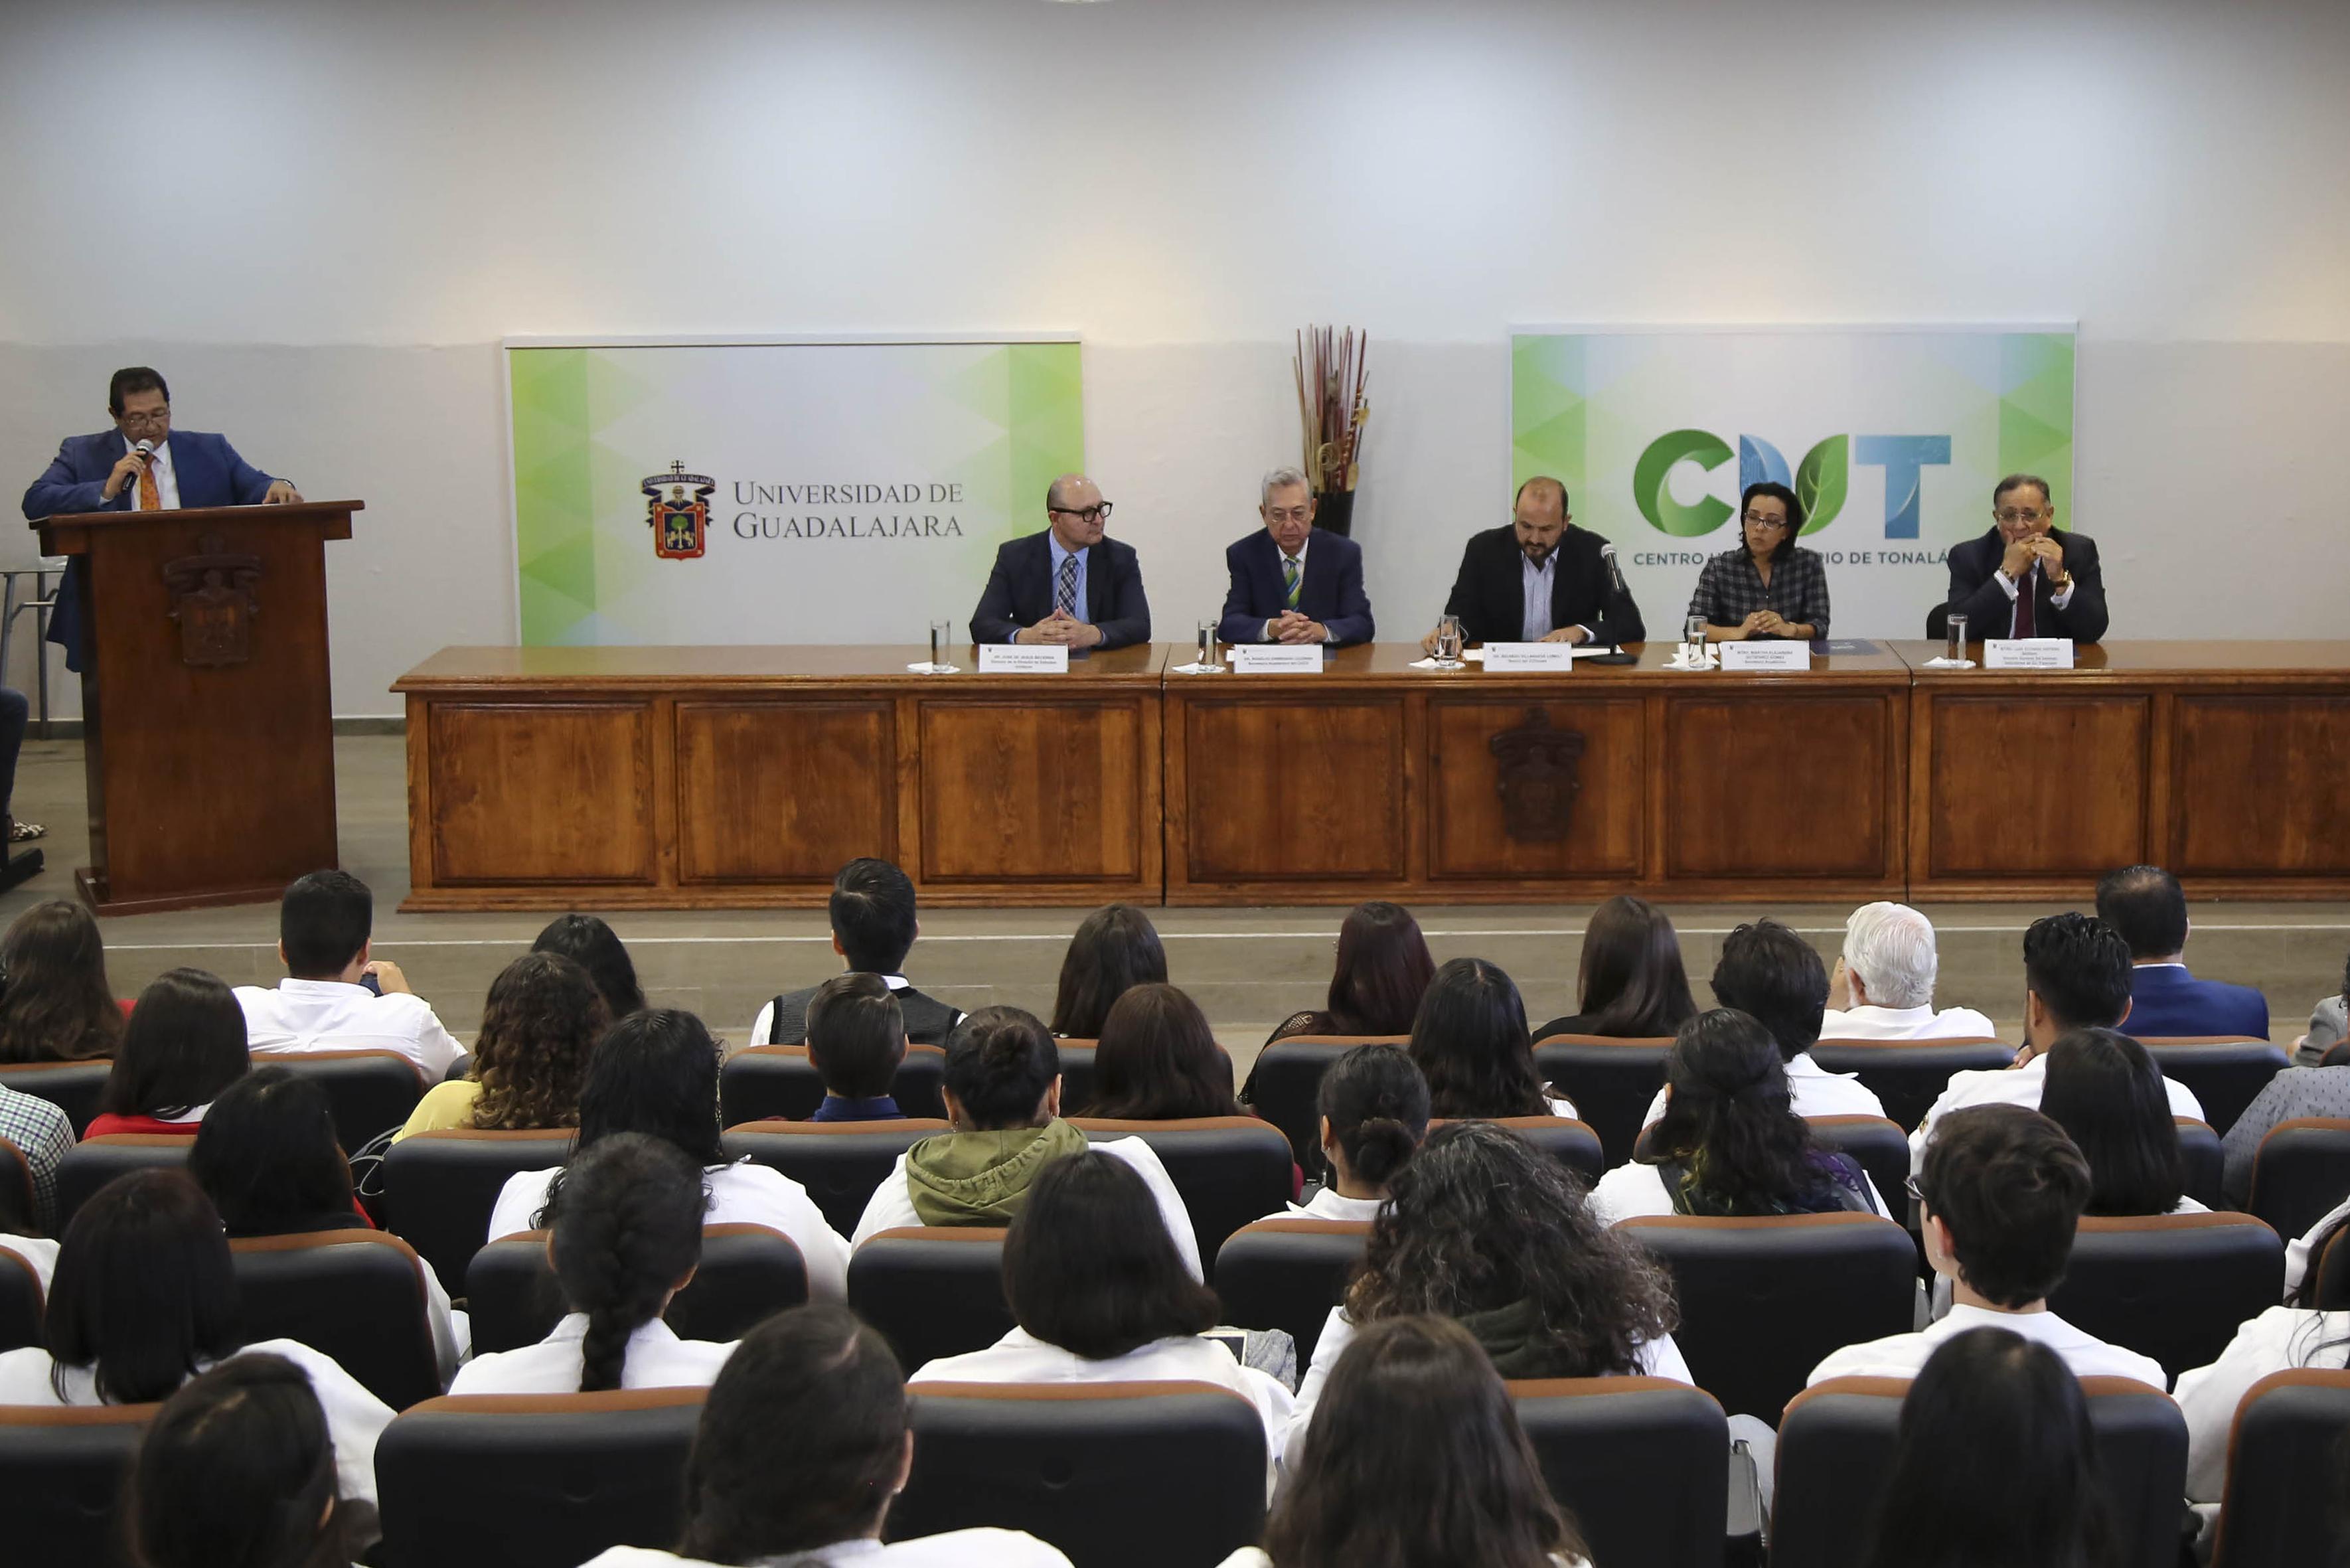 Las ciencias forenses se desarrollan de manera acelerada en América Latina, afirma especialista